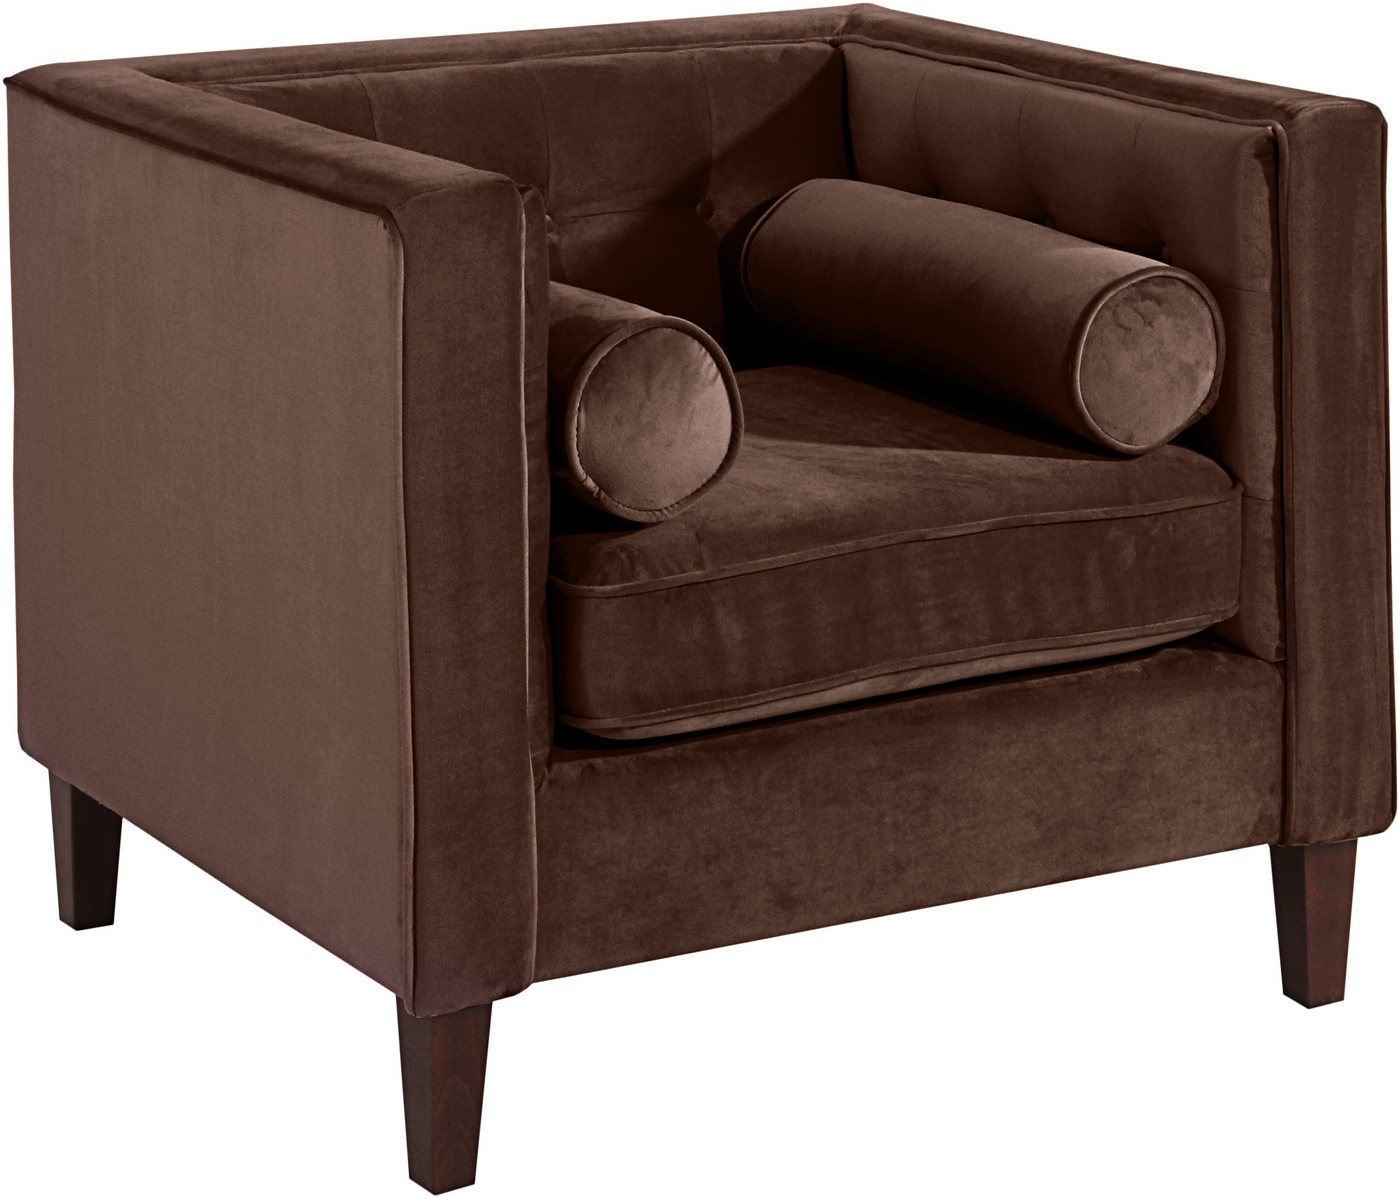 MAX WINZER® fauteuil Joko, met houten poten